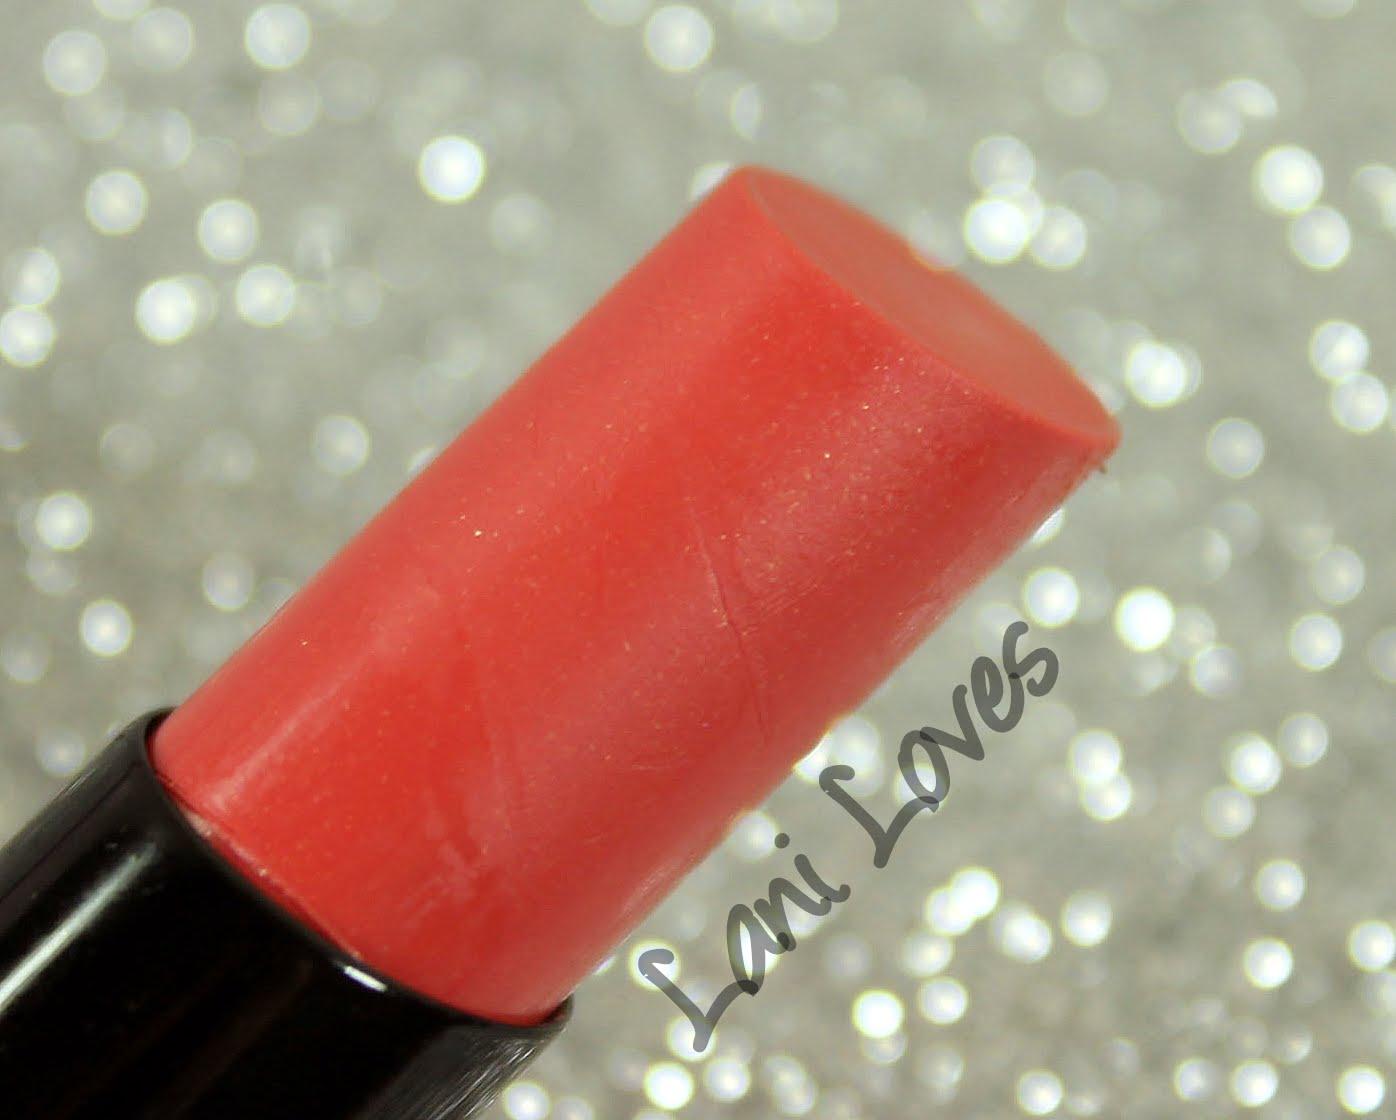 ZA Vibrant Moist Lipstick - PK341s swatches & review